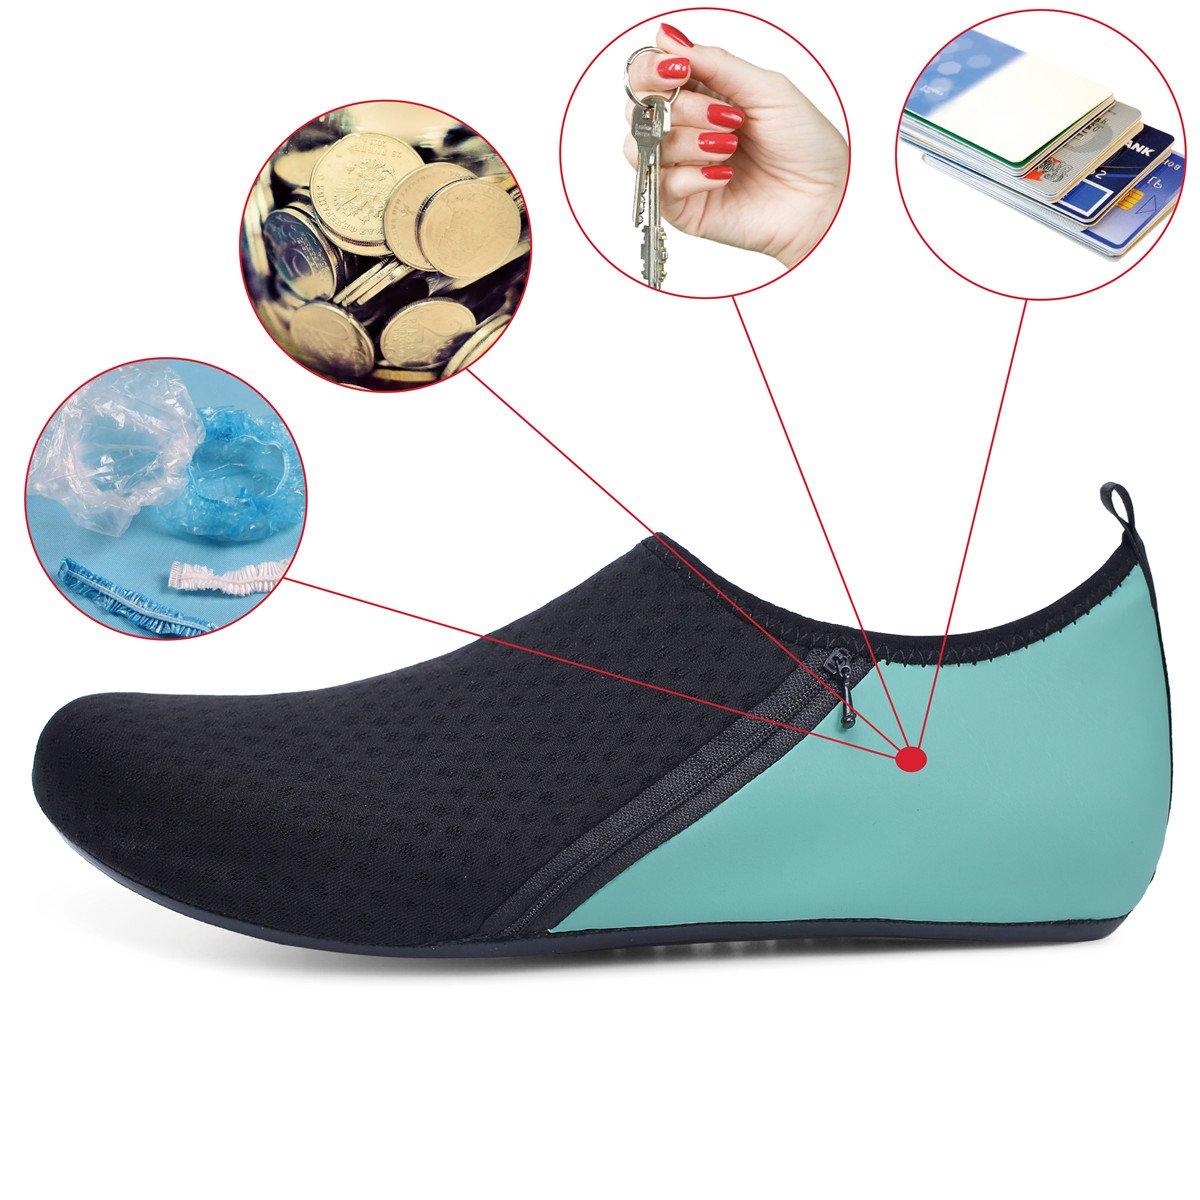 JIASUQI Mens Beach Walking Sandals Water Shoes for Pool Swim Zip Green US 7.5-8.5 Women, 6.5-7.5 Men by JIASUQI (Image #7)